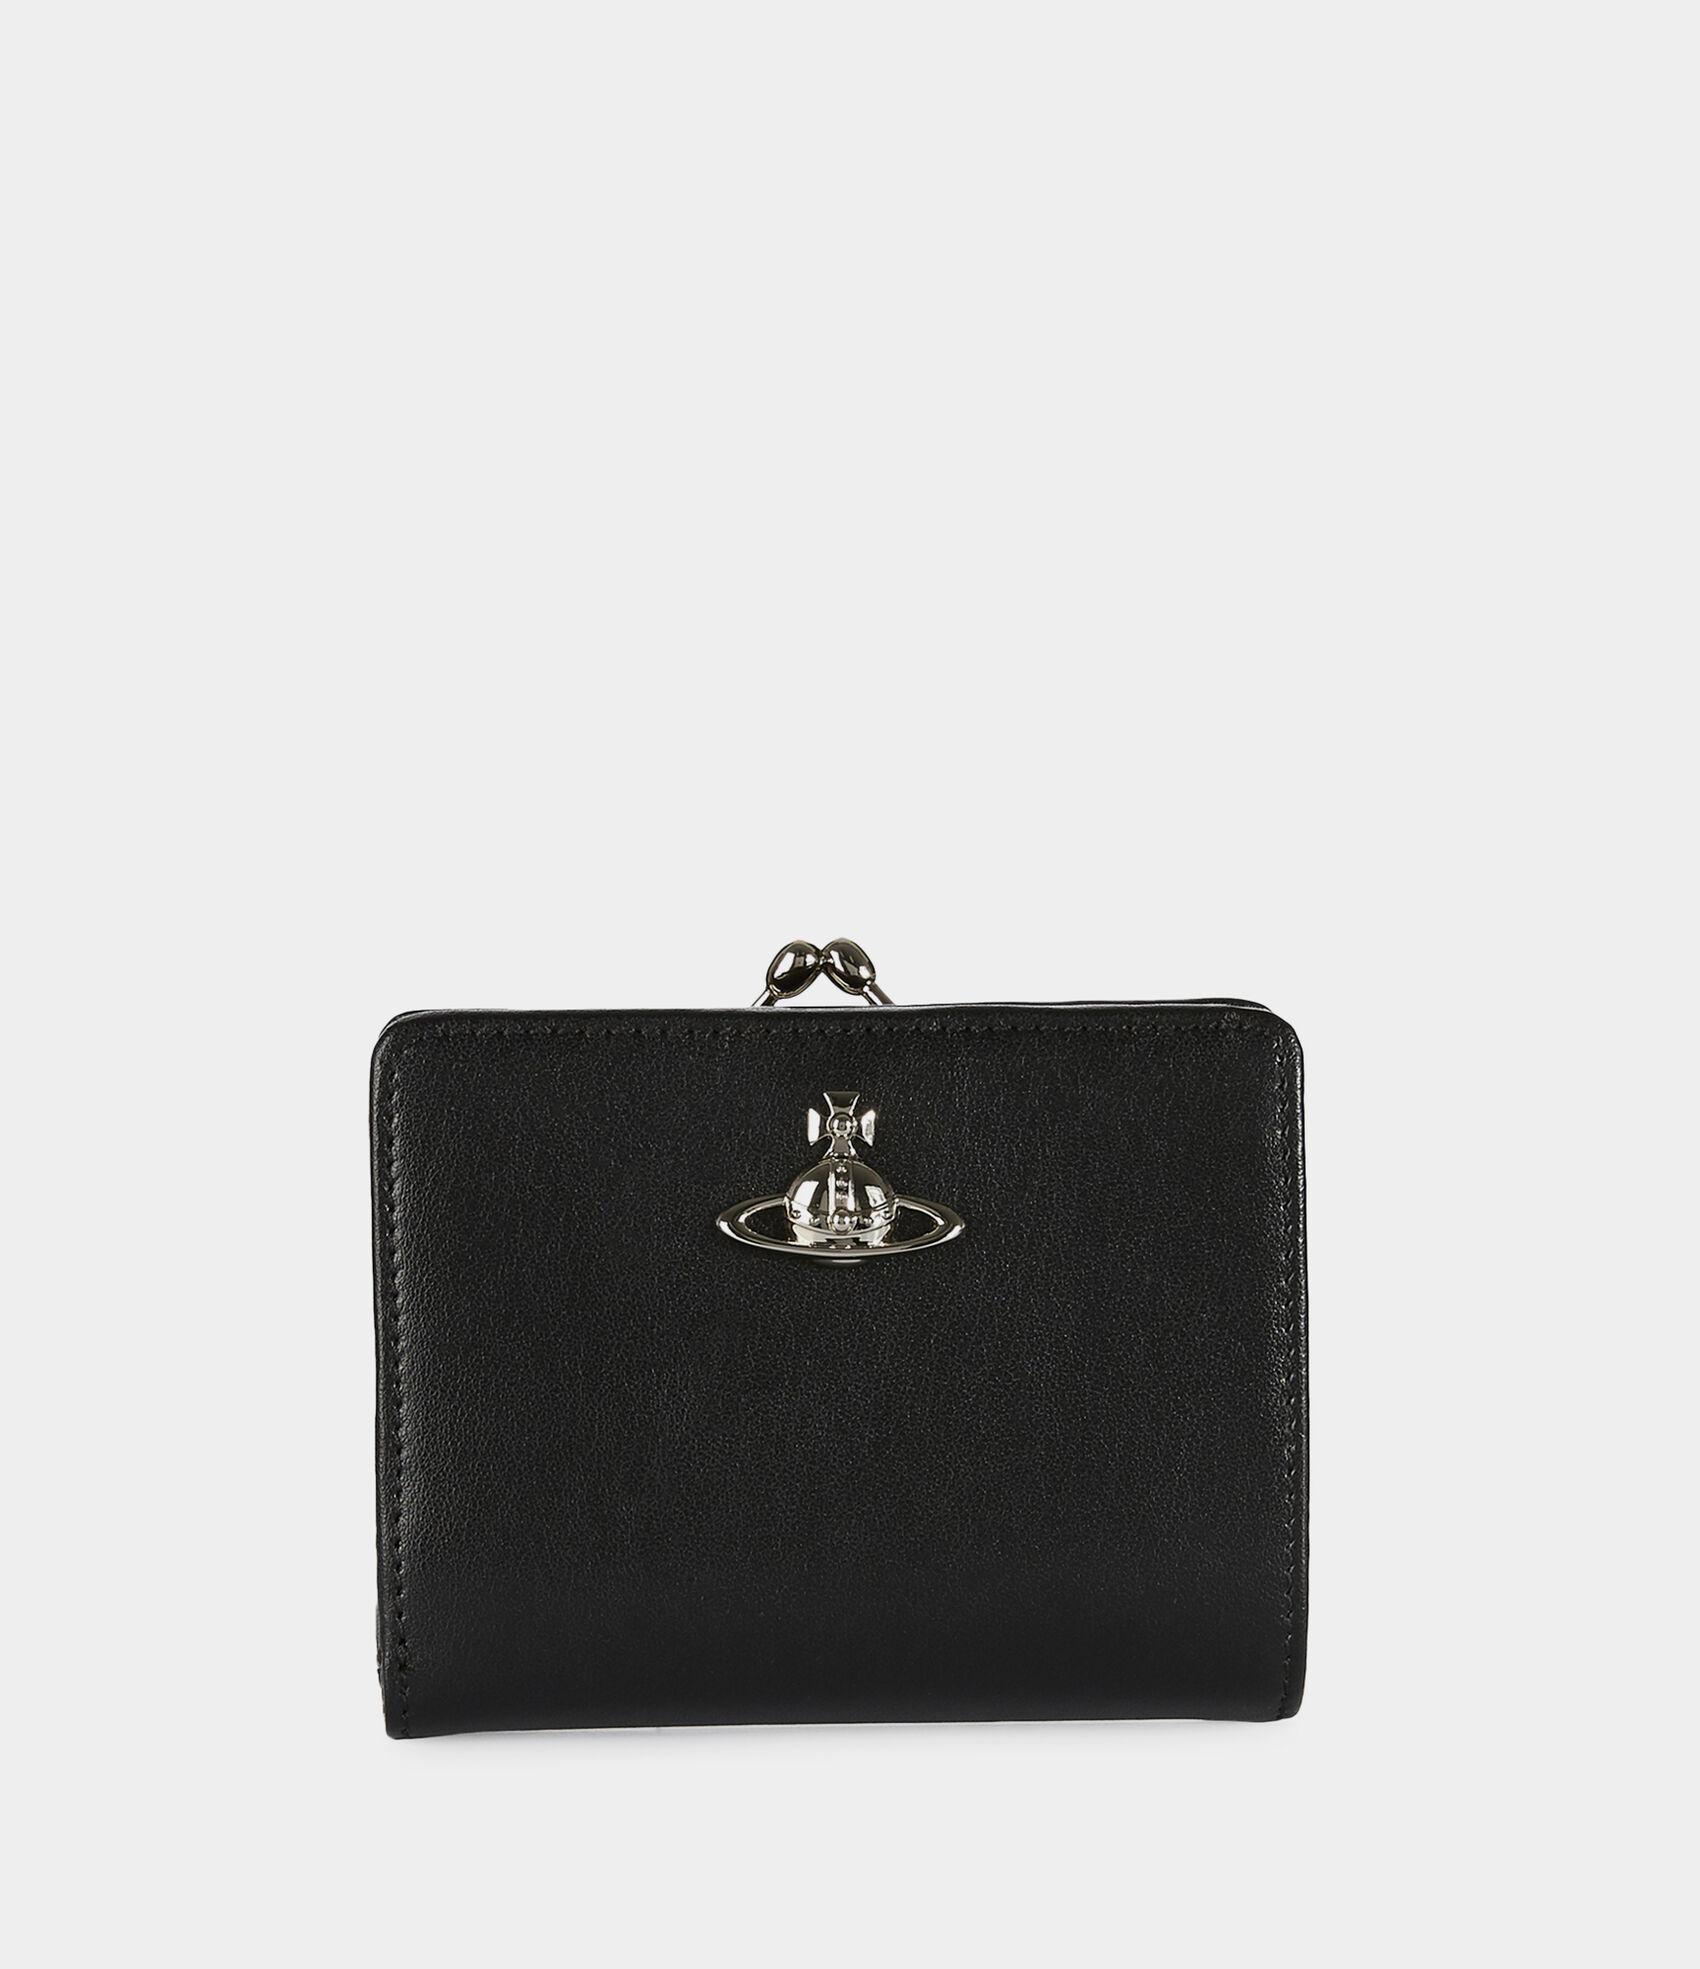 e67ed1d72ae Vivienne Westwood Women's Designer Wallets and Purses | Vivienne ...